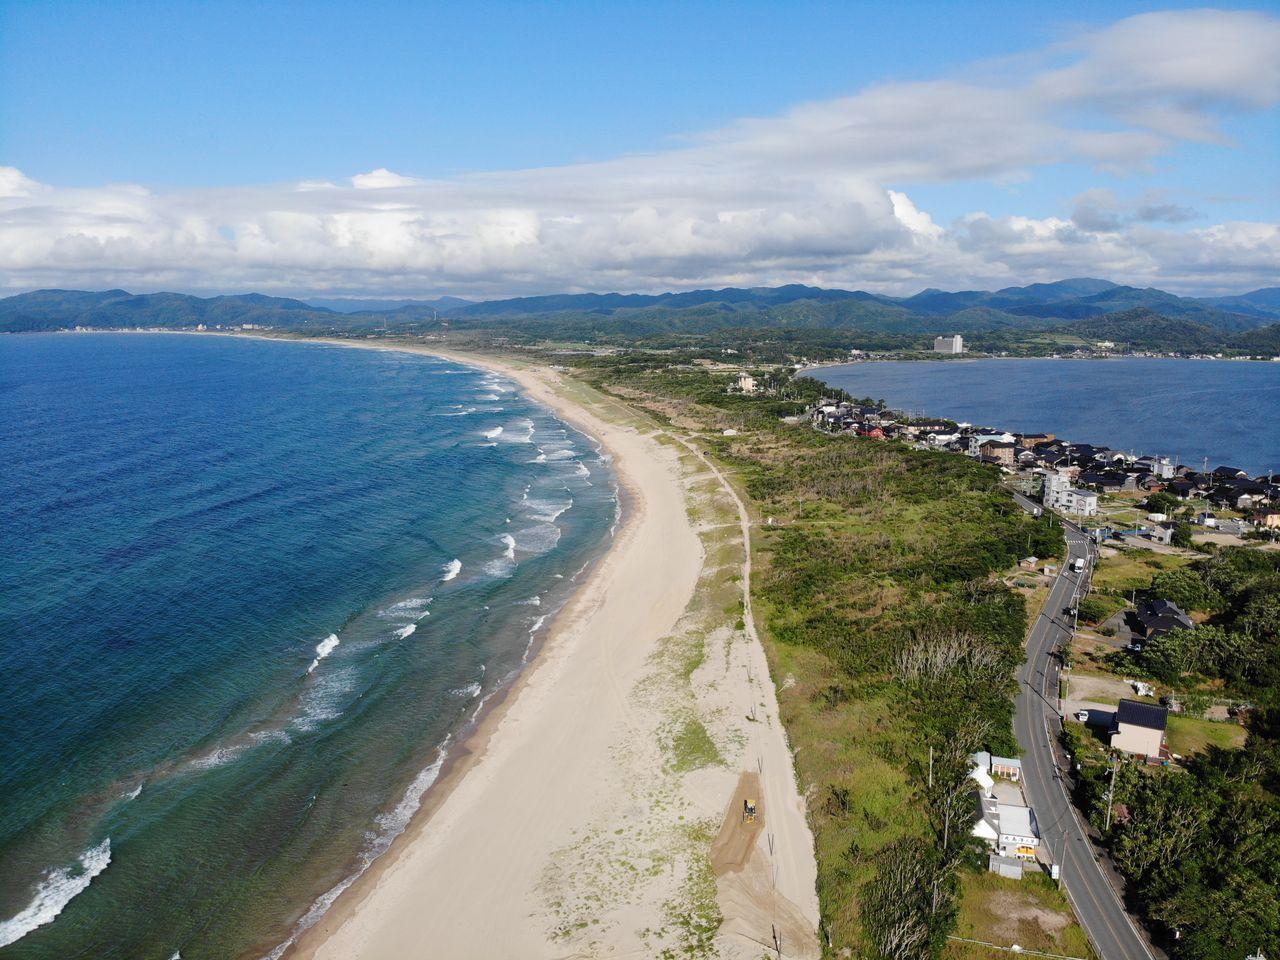 日本海(左)と久美浜湾(右)の間にある小天橋は、天橋立に似ていることから名付けられた 写真:PIXTA